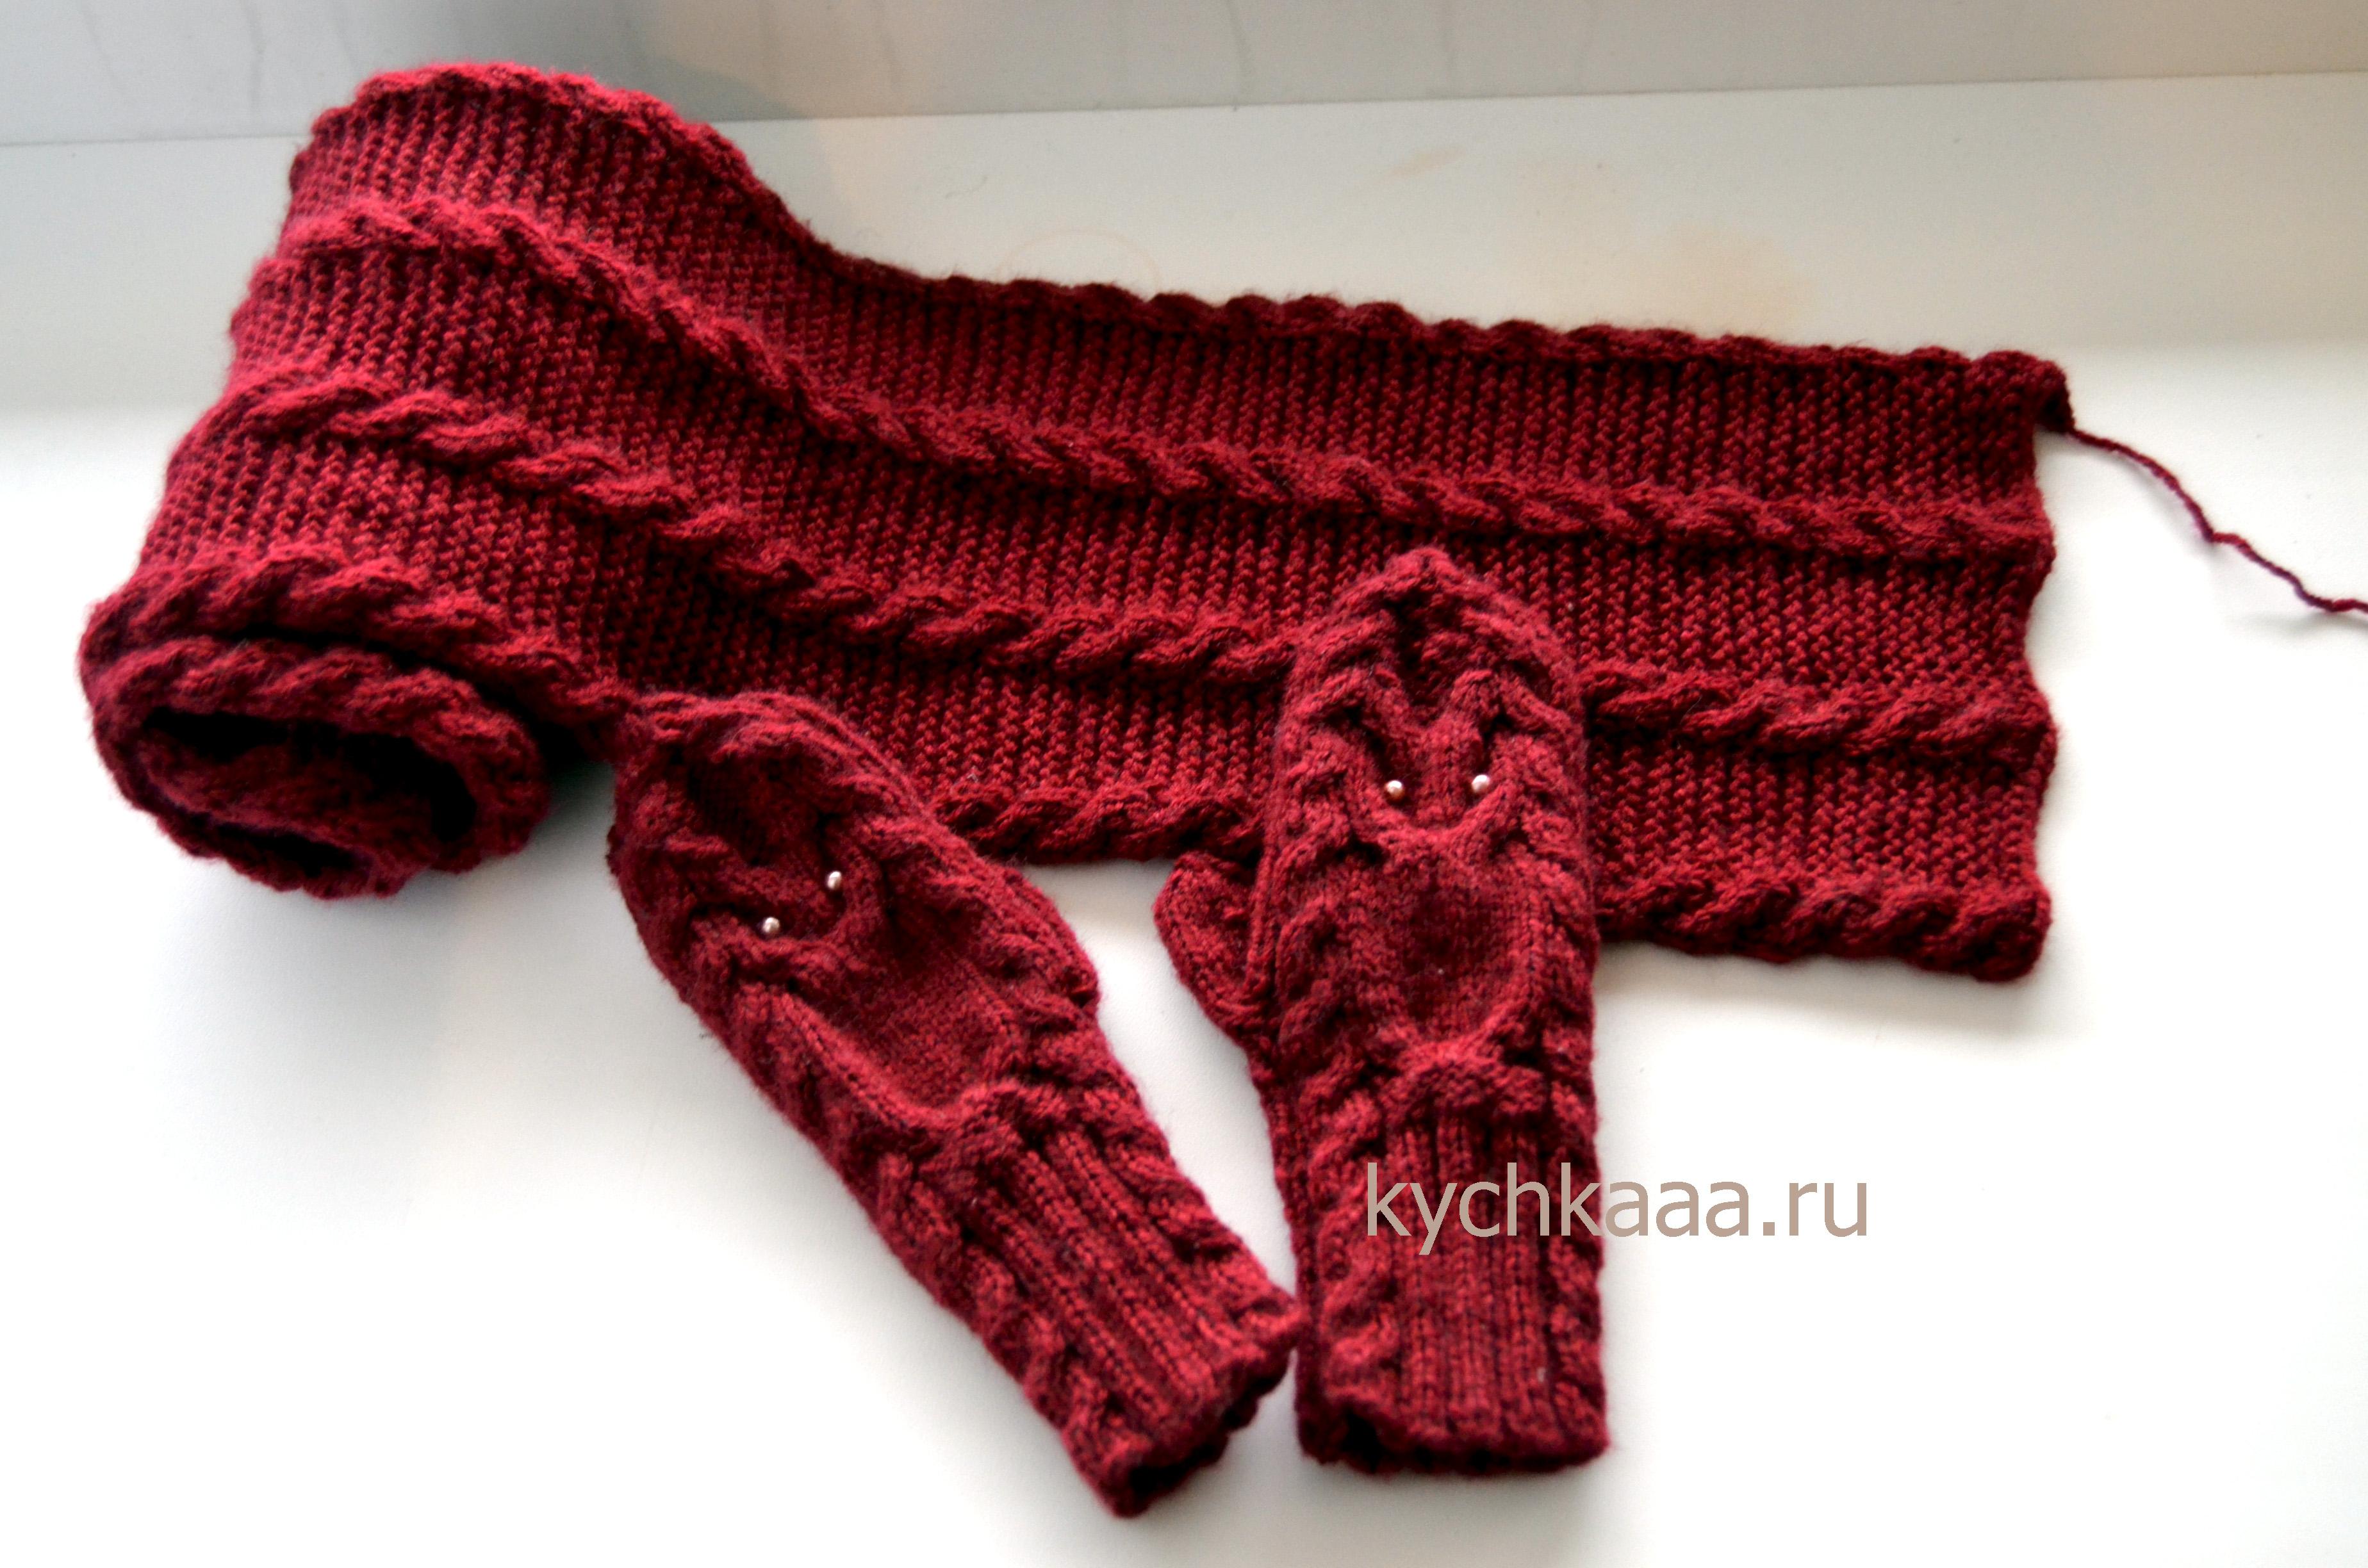 Вязаный набор для девочки - шарф и варежки с совами